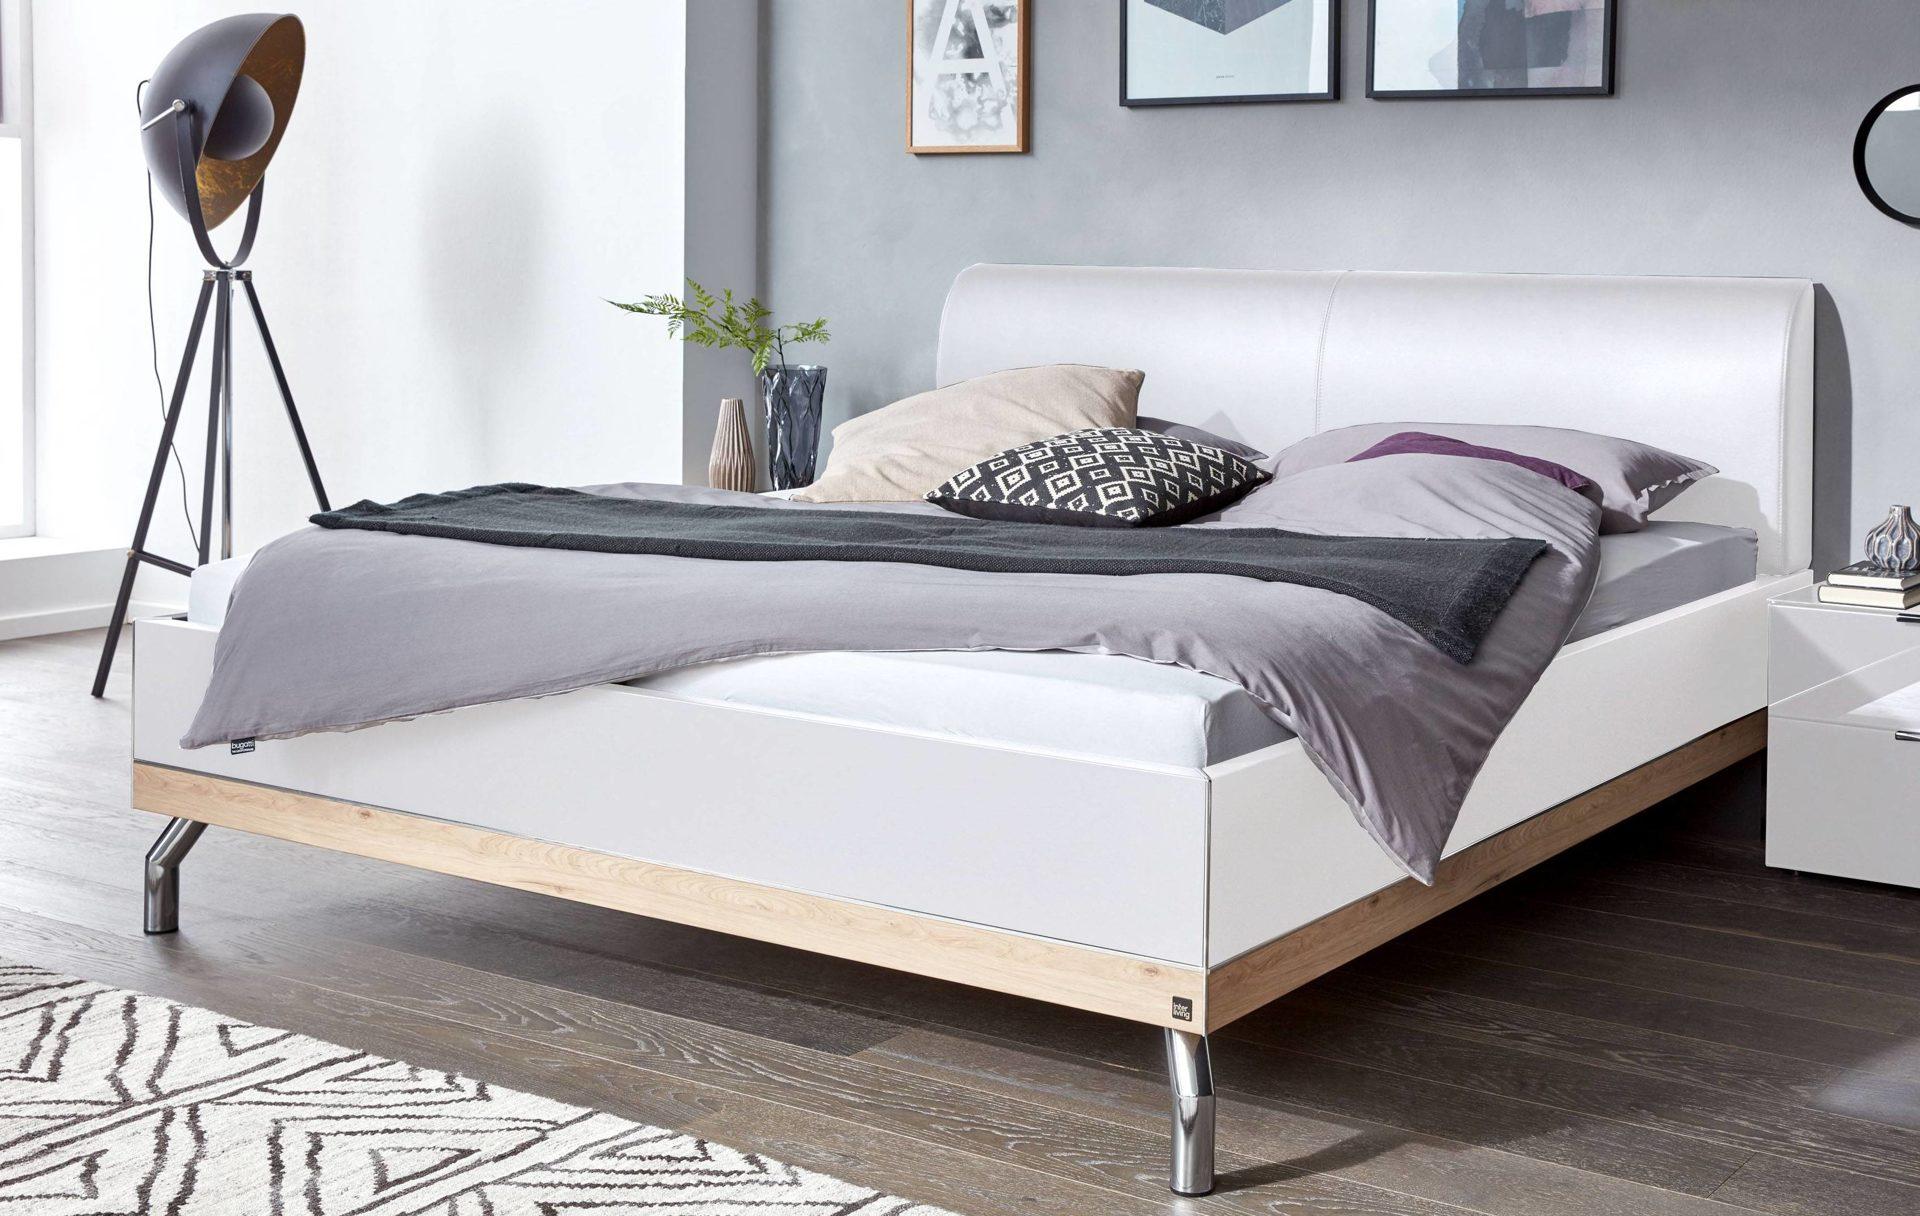 Interliving Schlafzimmer Serie 1010 Doppelbettgestell Polarweiße Jackson Eichefarbene Kunststoffoberflächen Weißes Ku